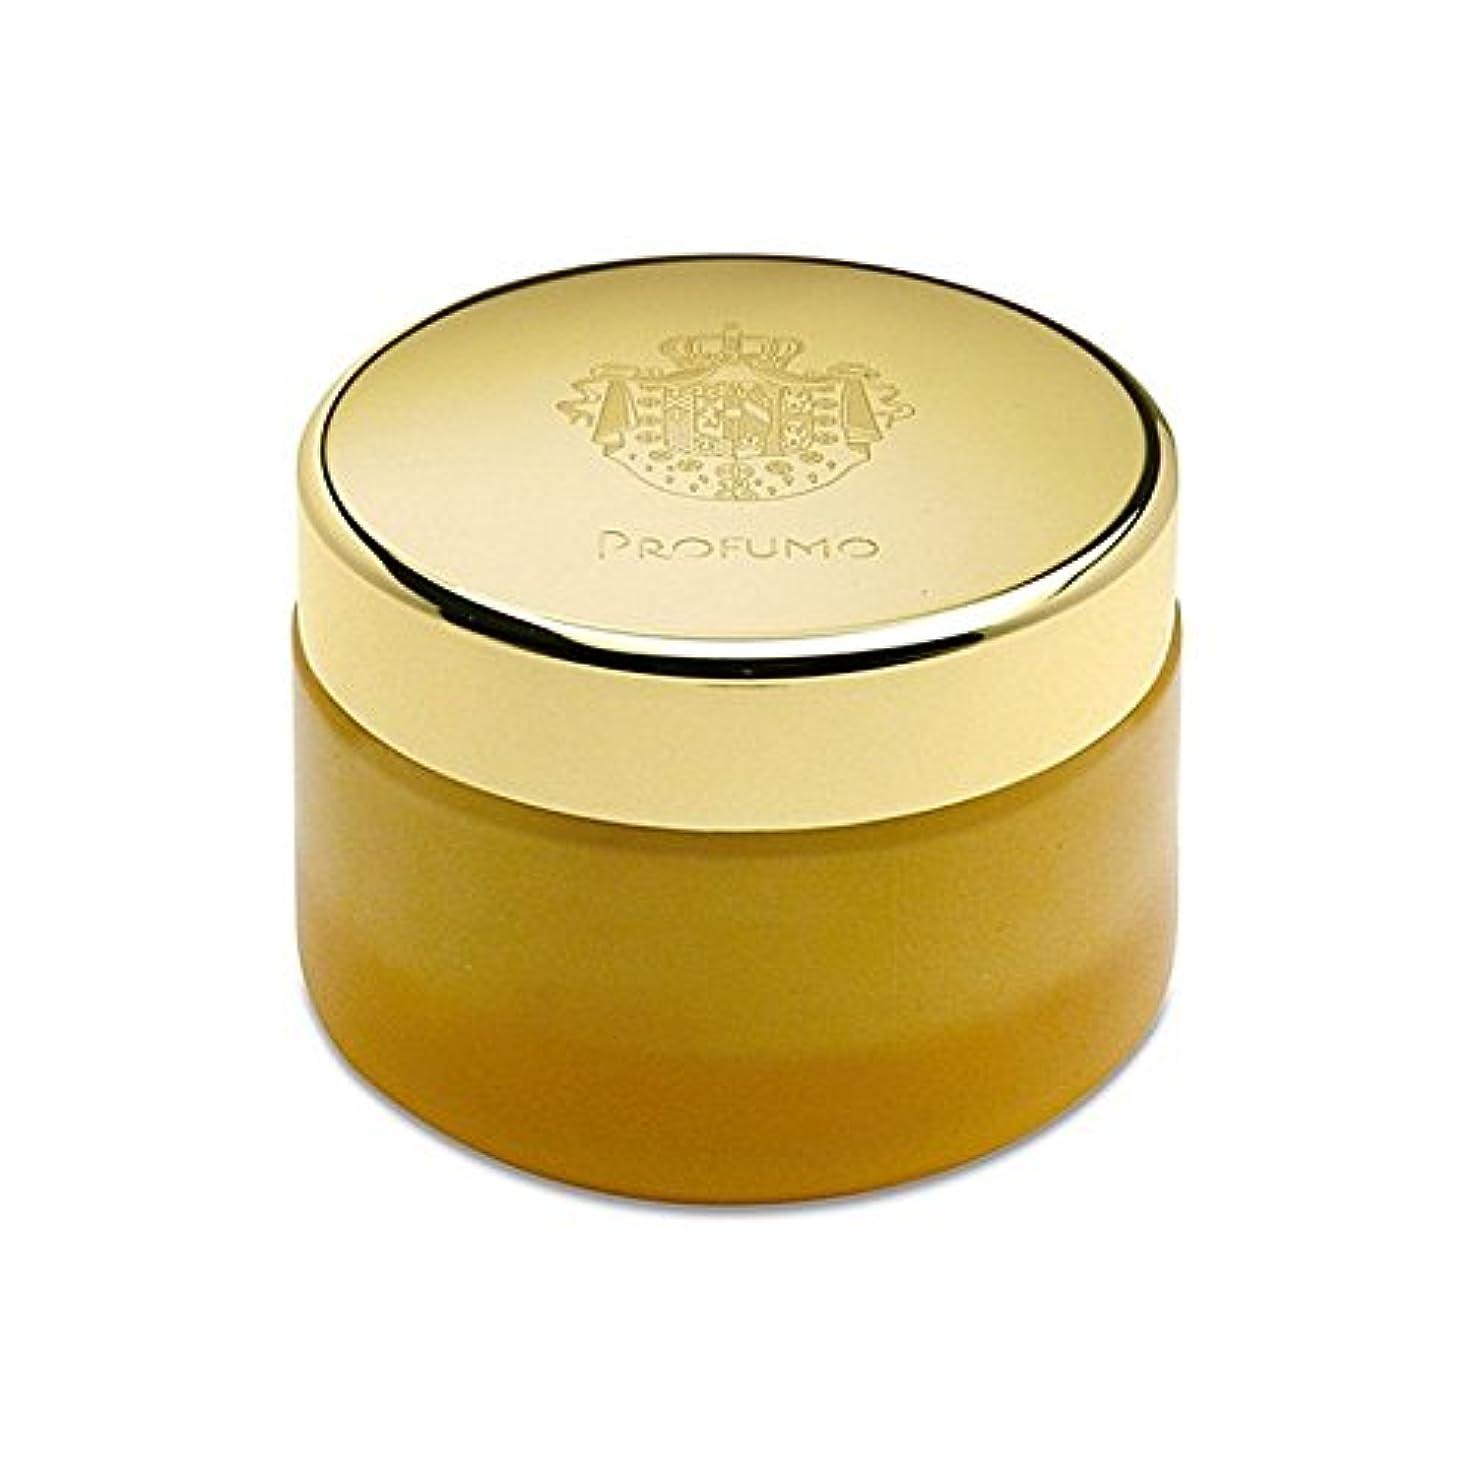 追い出すによると誕生日アクアディパルマボディクリーム200ミリリットル x4 - Acqua Di Parma Profumo Body Cream 200ml (Pack of 4) [並行輸入品]